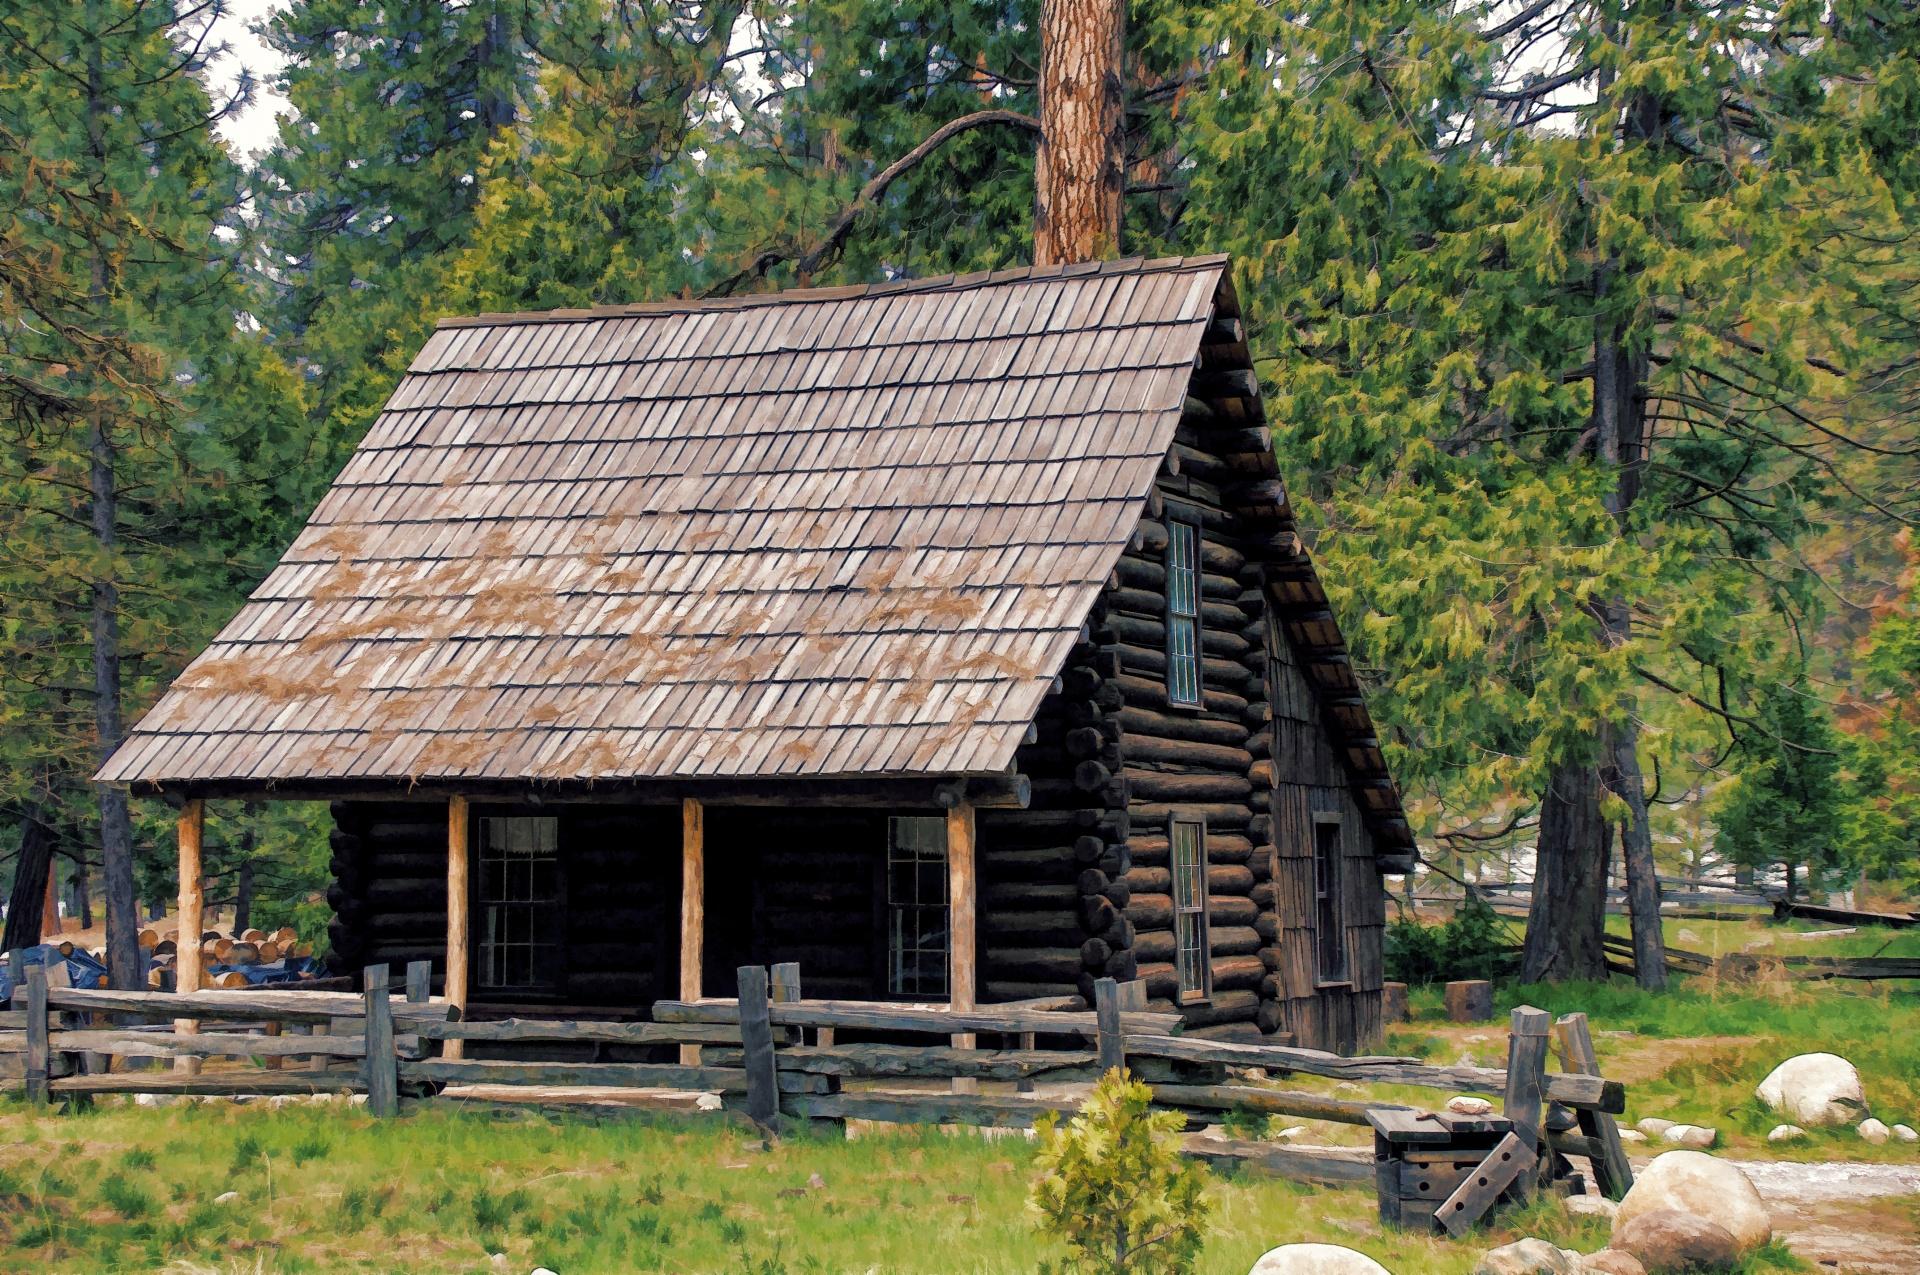 log-cabin-1535248320uZe